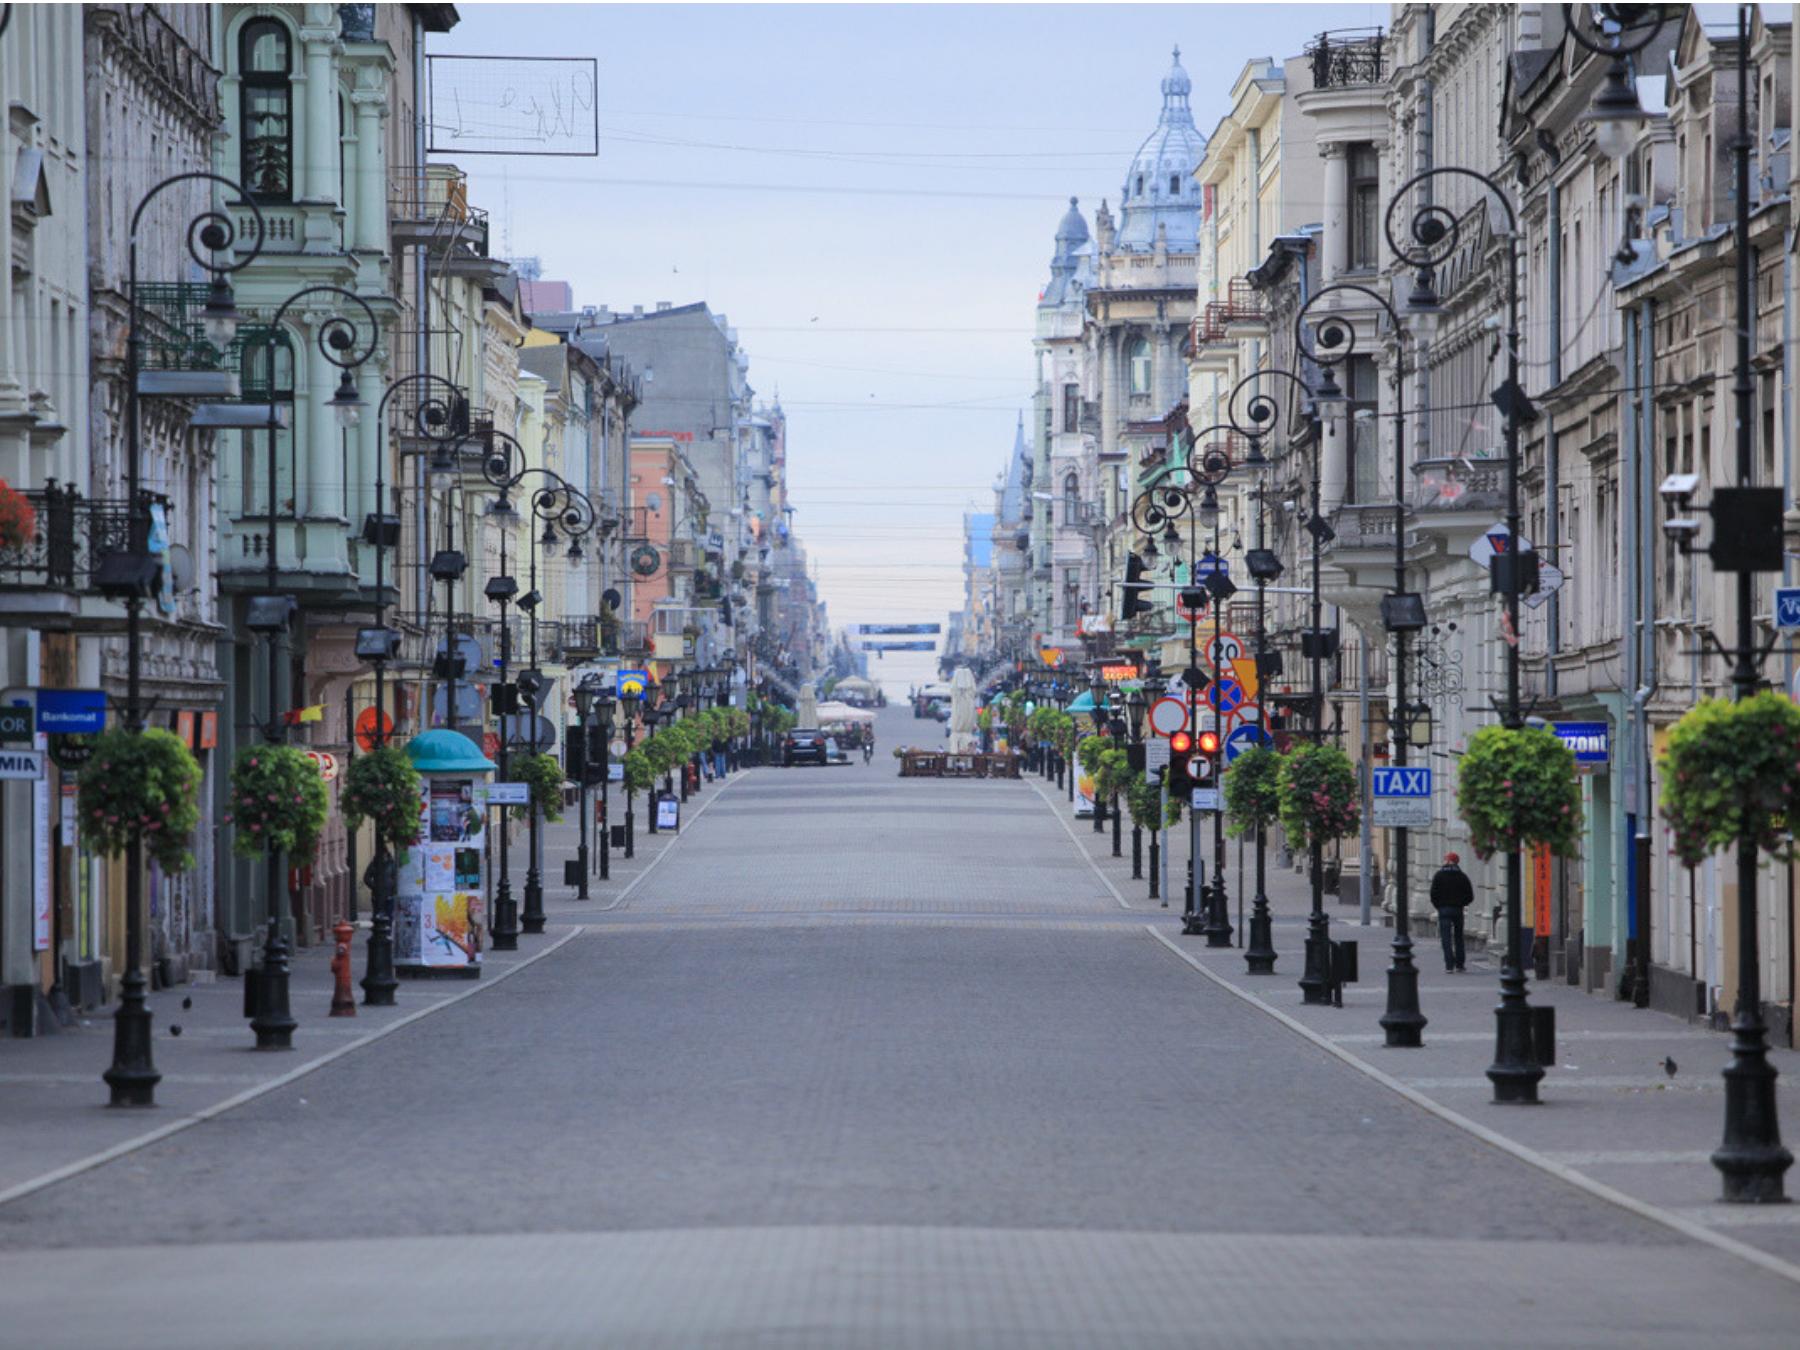 15-melhores-lugares-para-viajar-esse-ano-2019-Lodz 15 melhores lugares para viajar esse ano 2019 (melhor custo)